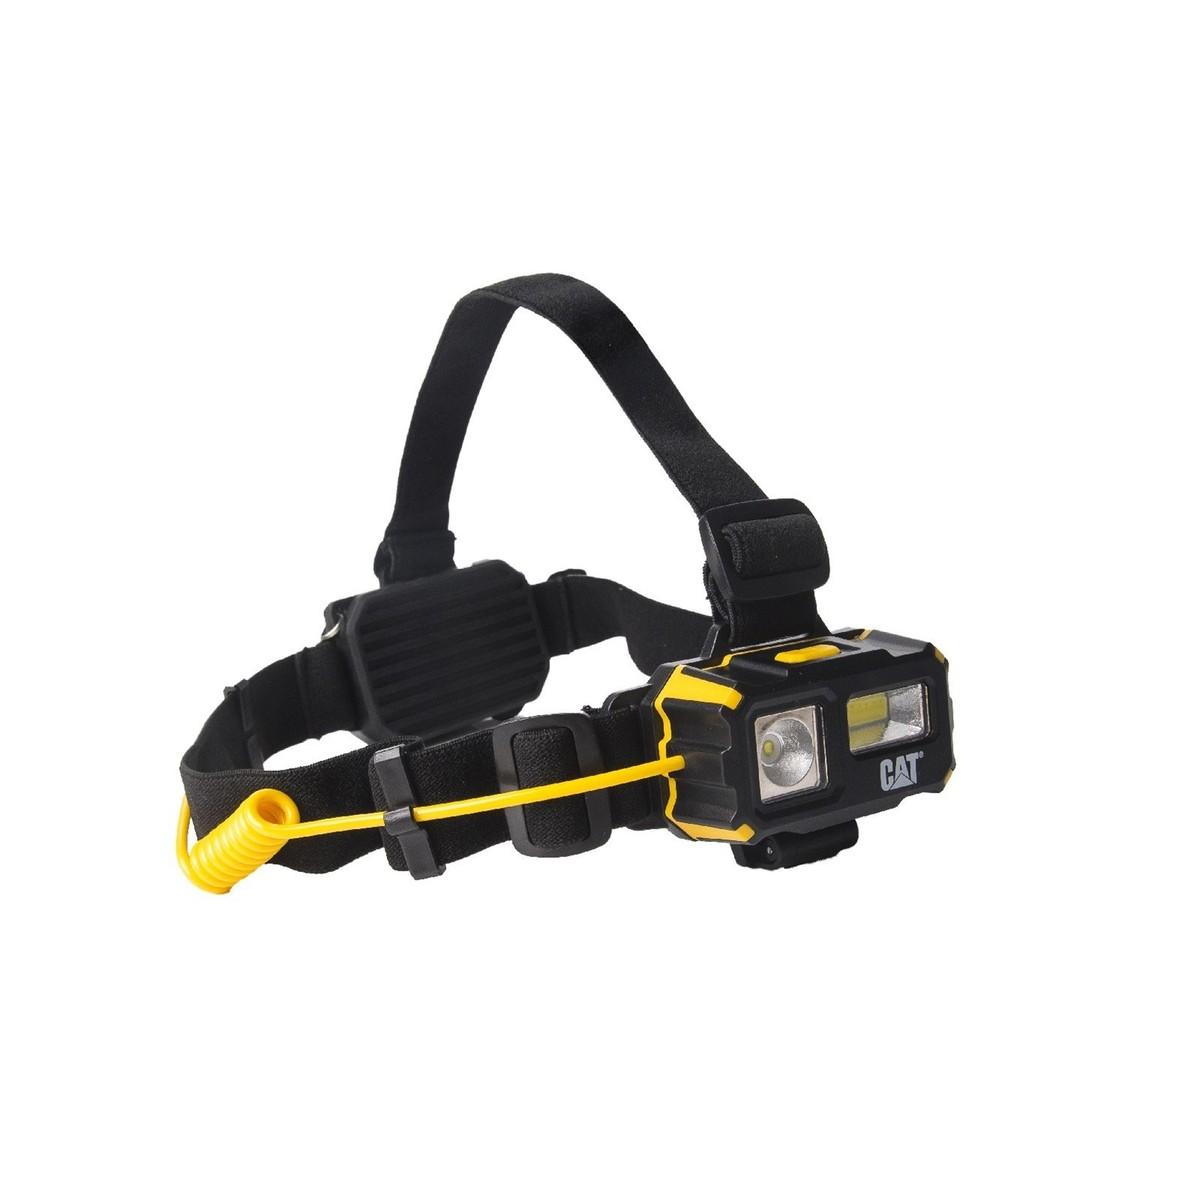 (キャタピラー) Caterpillar 4ファンクション ヘッドランプ ヘッドライト 作業用ライト アウトドア (250ルーメン) 【楽天海外直送】